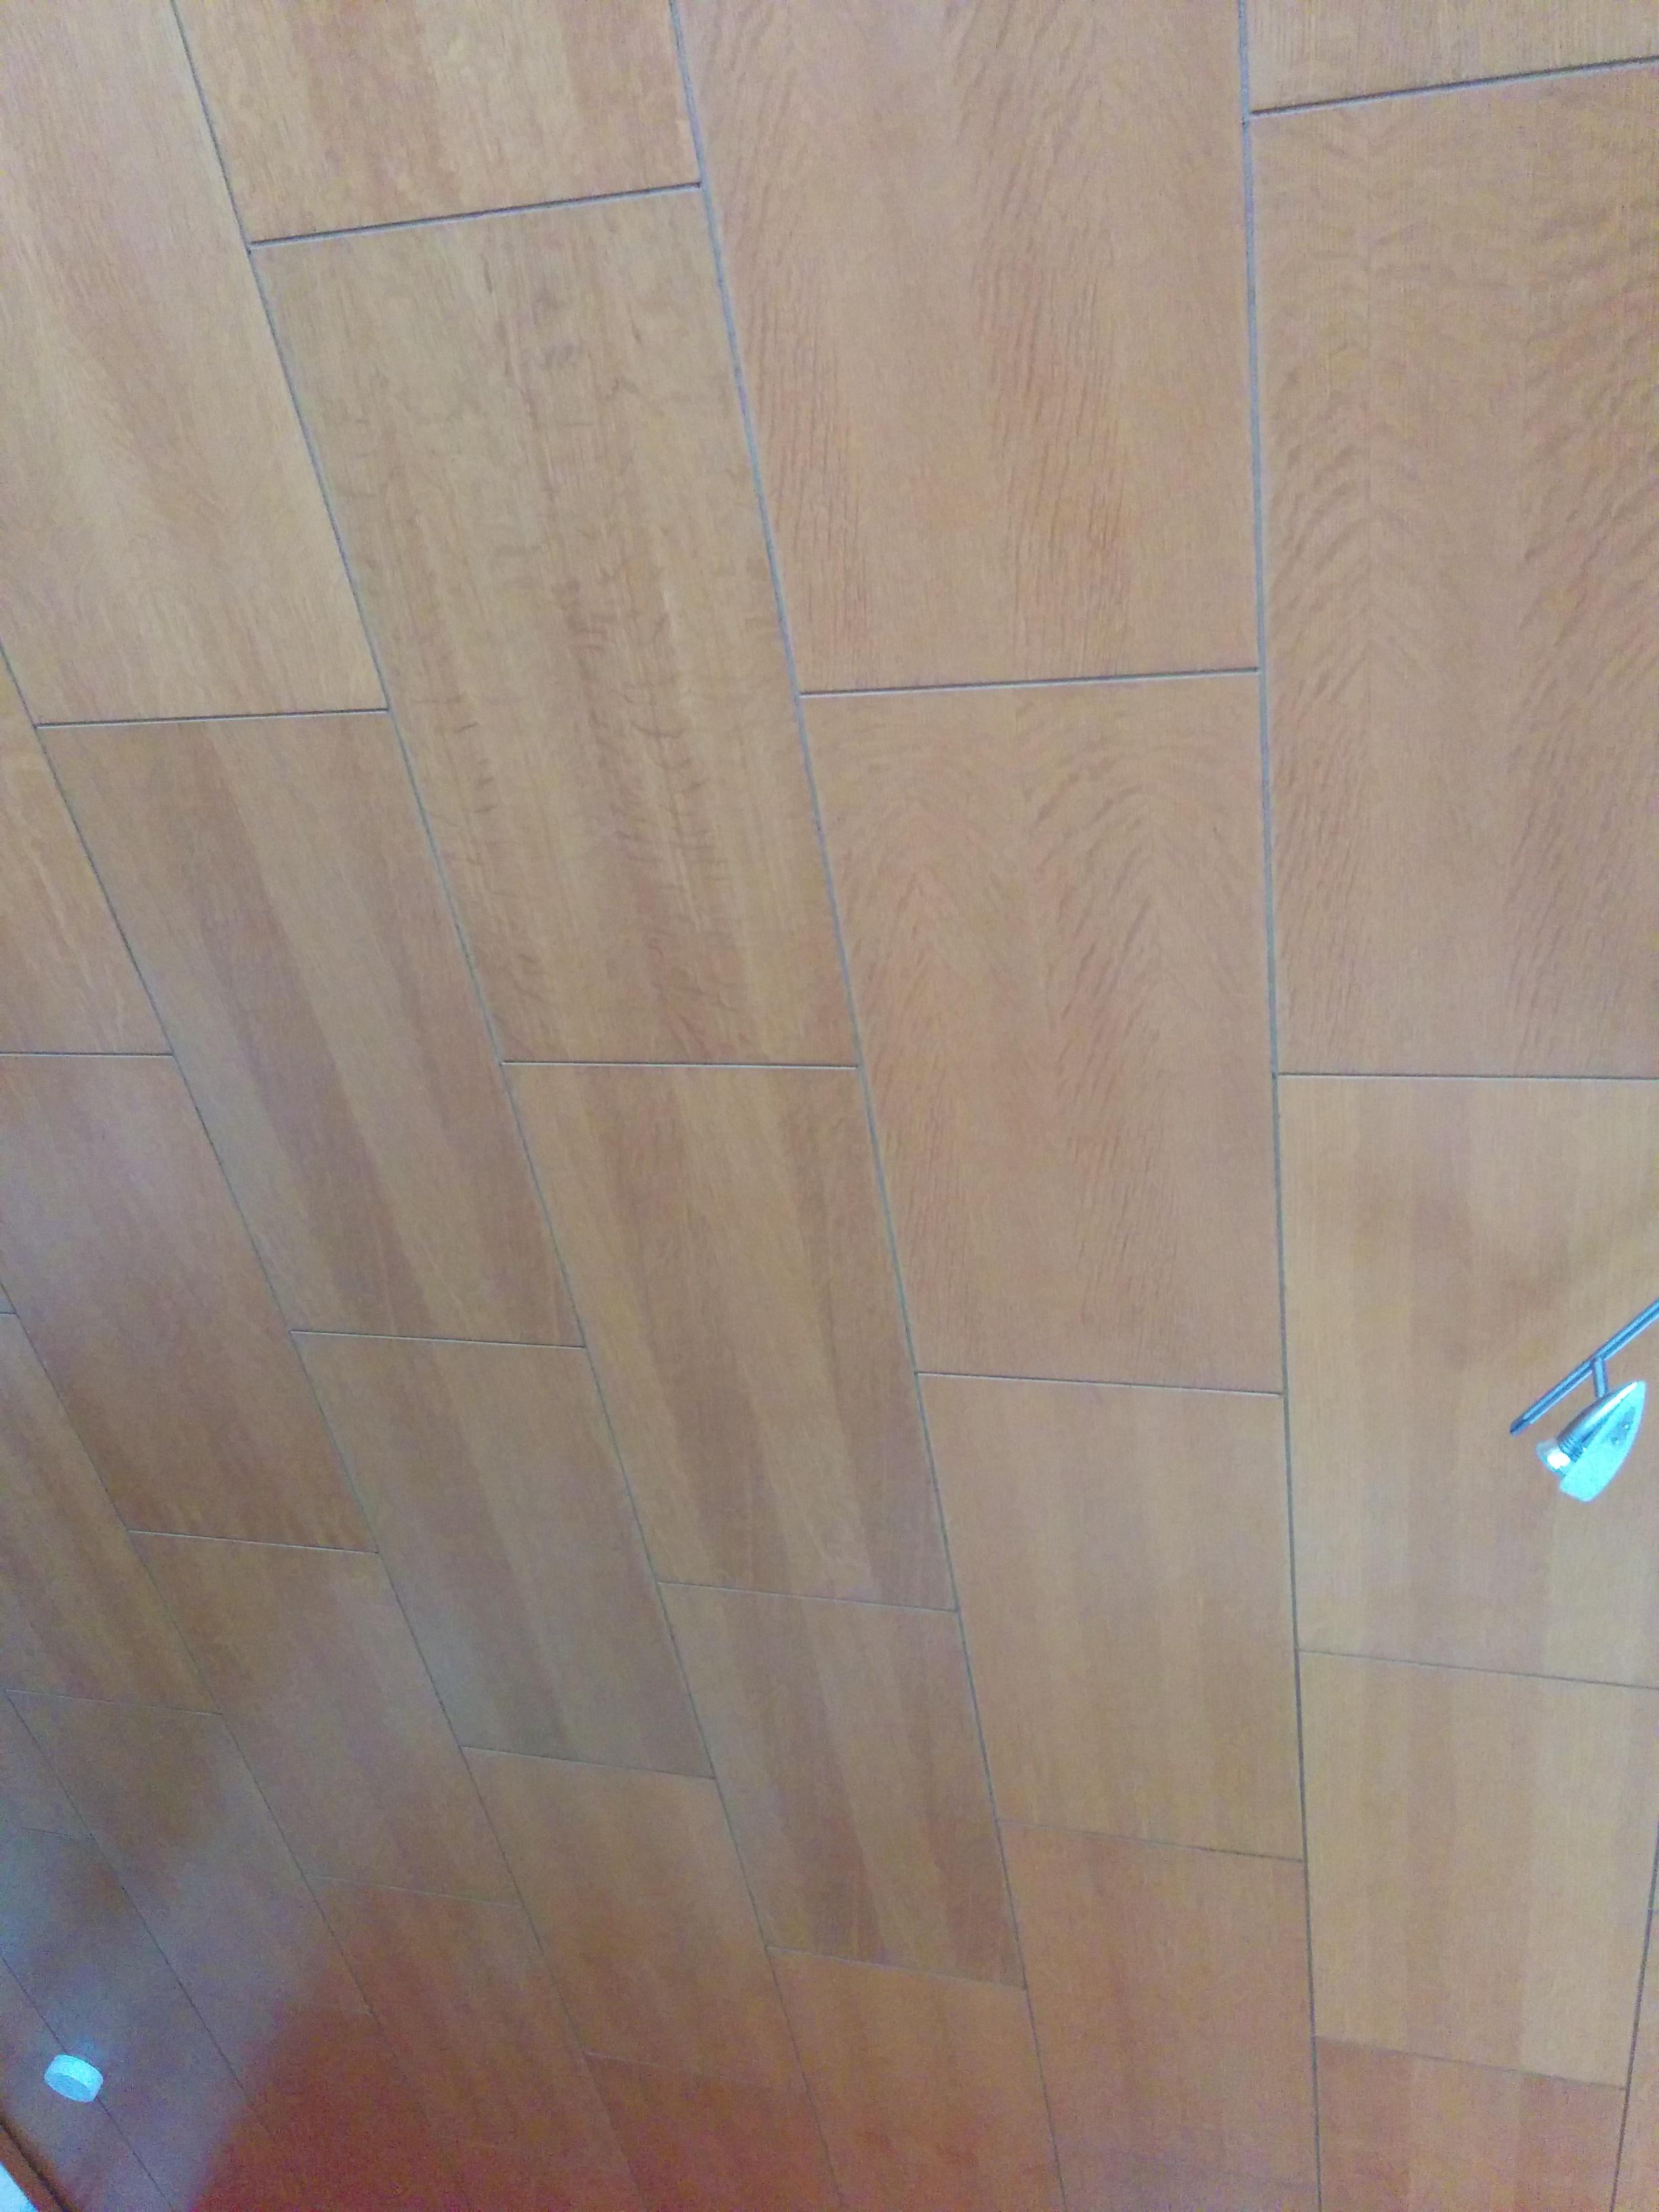 Holz Lasieren Ohne Schleifen Cheap Mbel Streichen Ohne Abschleifen